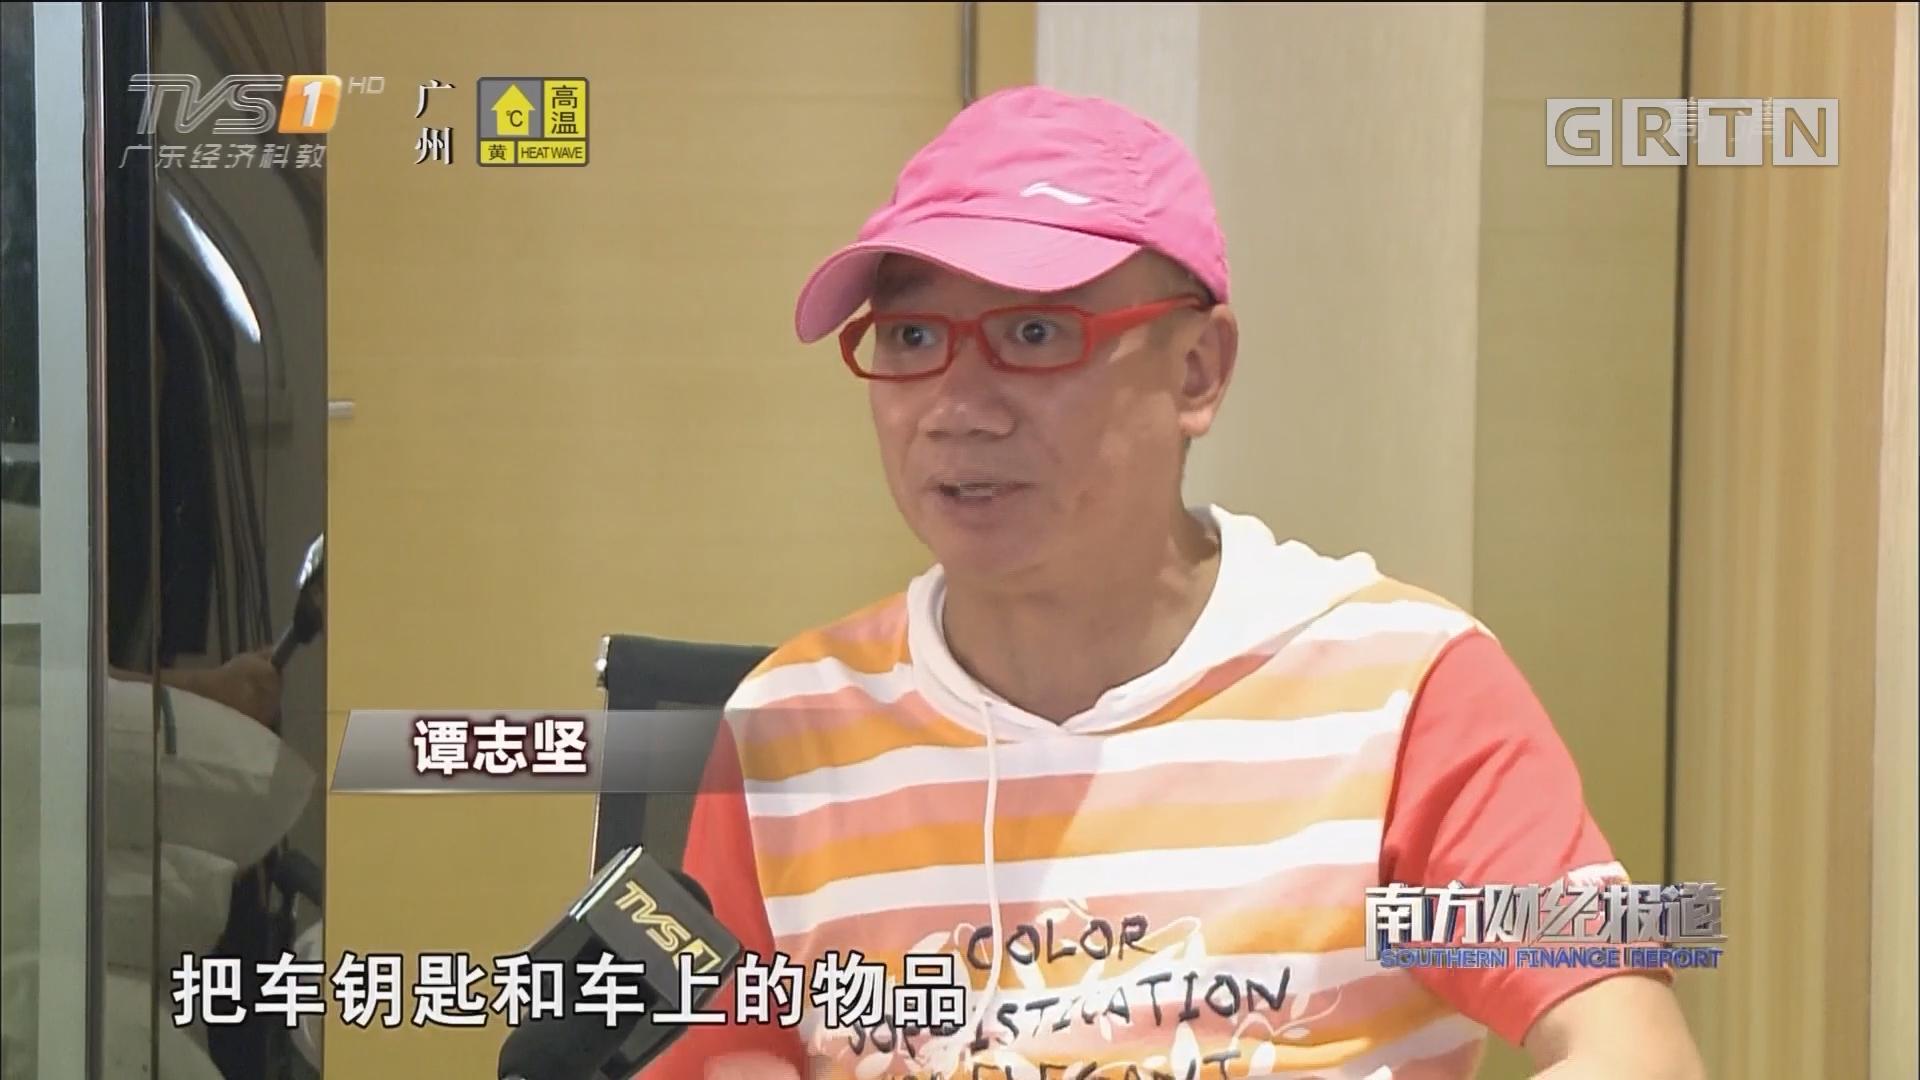 广州:男子申诉十年庭审八次终获无罪(下)